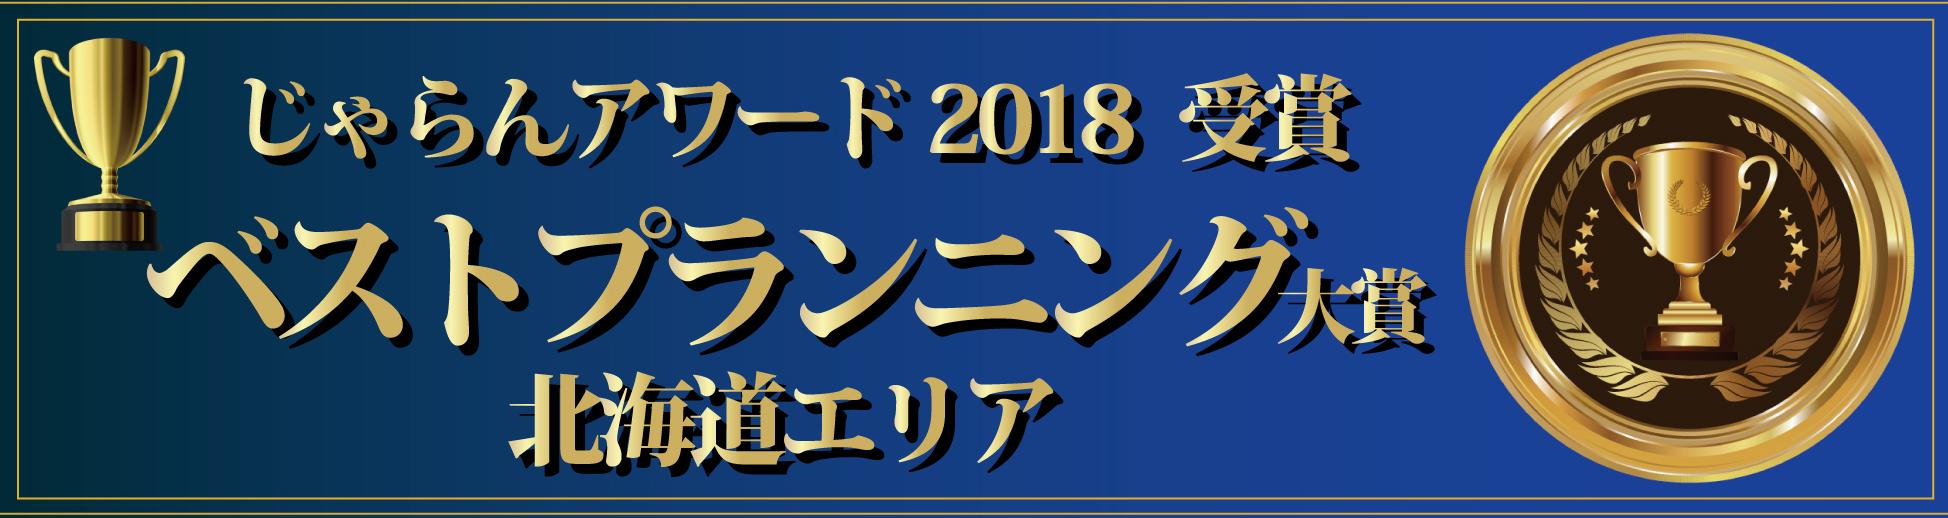 じゃらんアワード2018 ベストプランニング大賞受賞